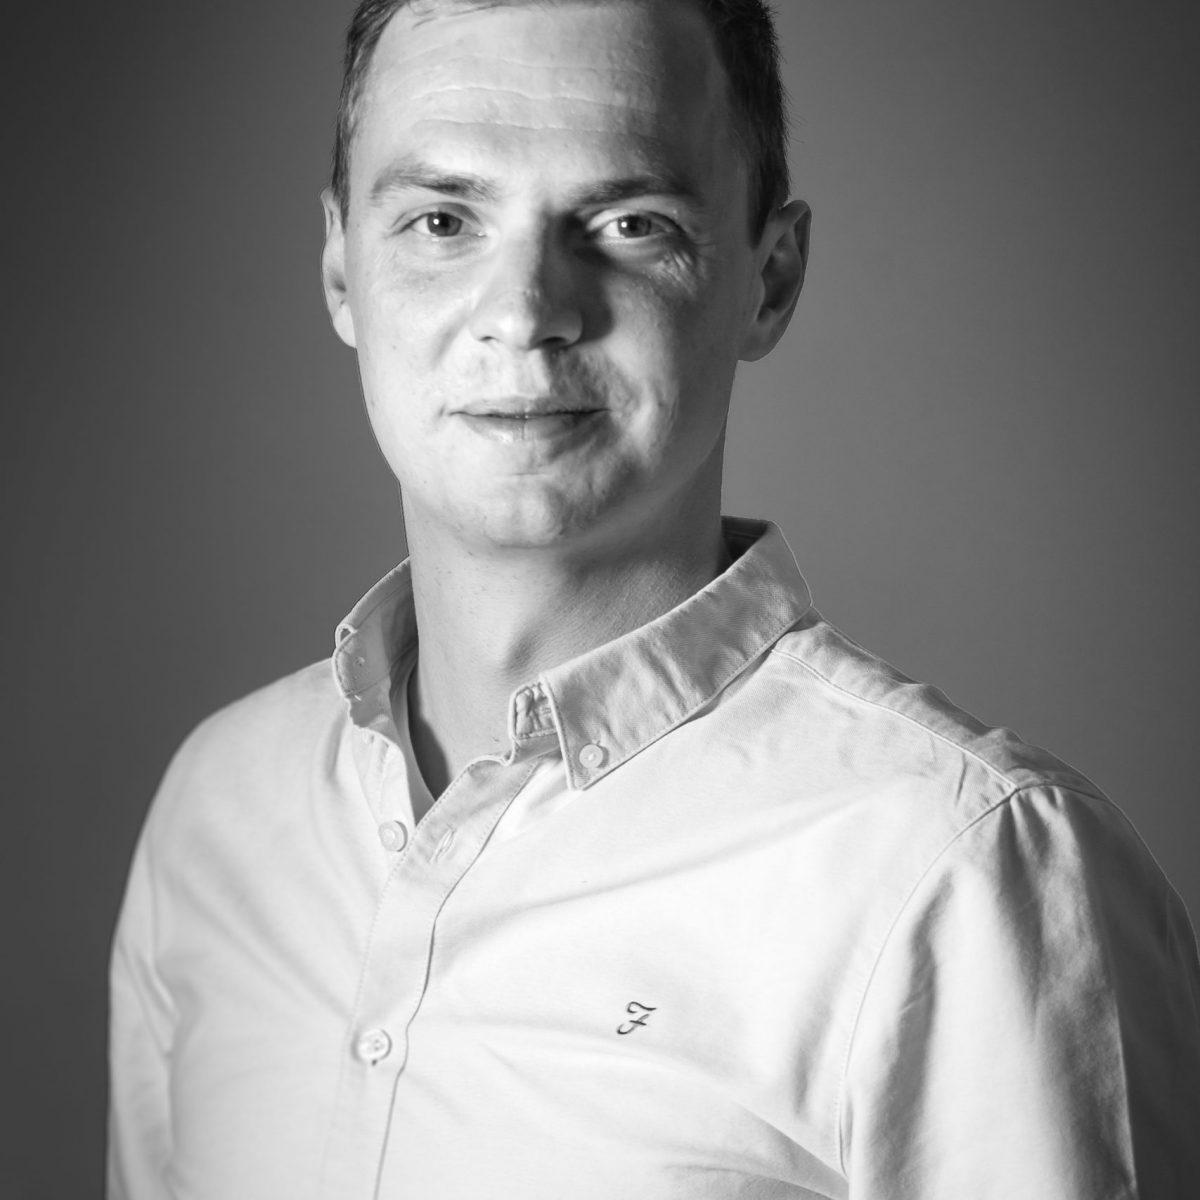 Niels_Van_Weereld-IMG_6281